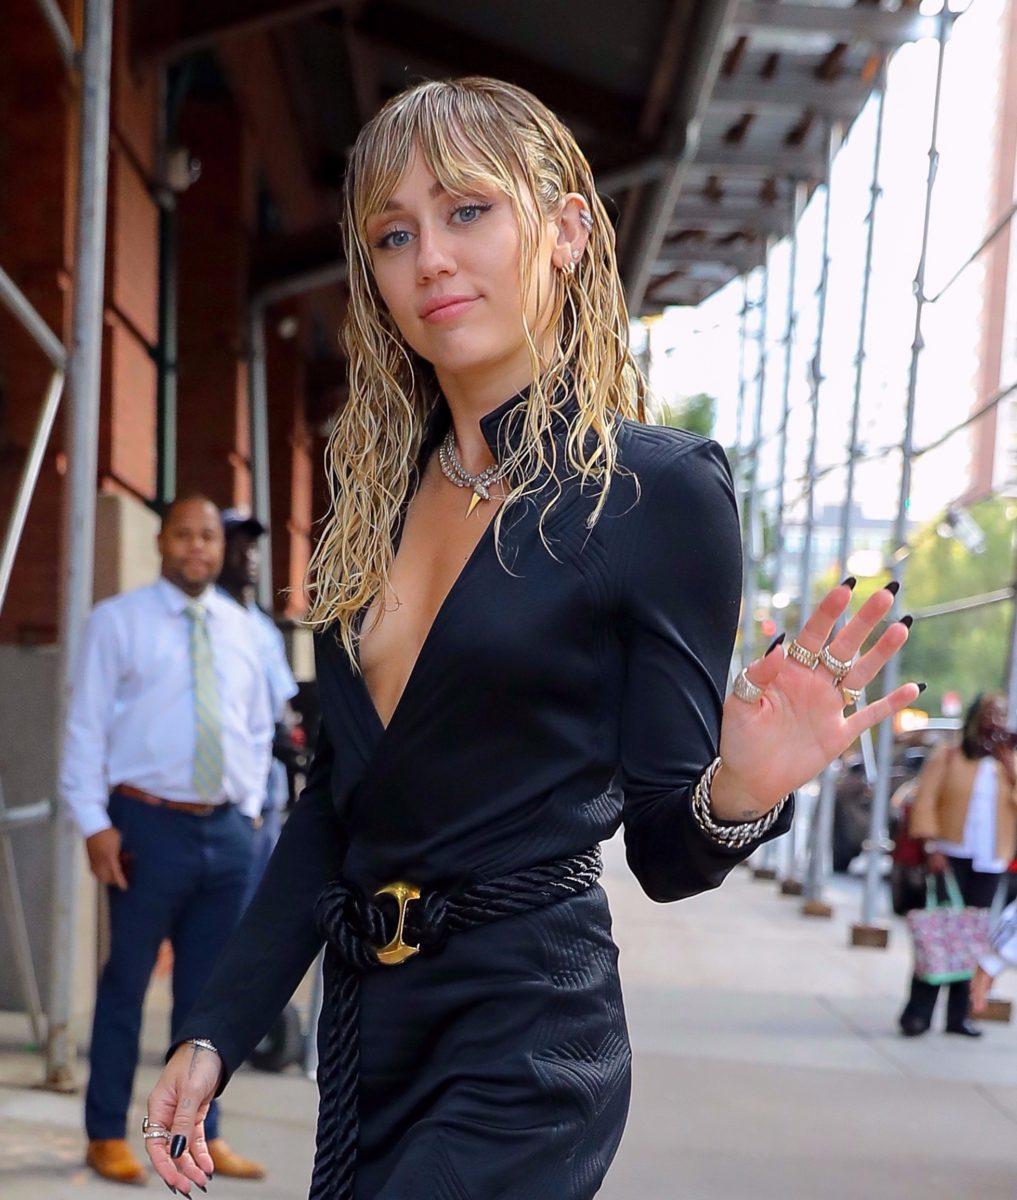 Η Miley Cyrus έχει ένα ολοκαίνουργιο κούρεμα… από τη μαμά της! | tlife.gr